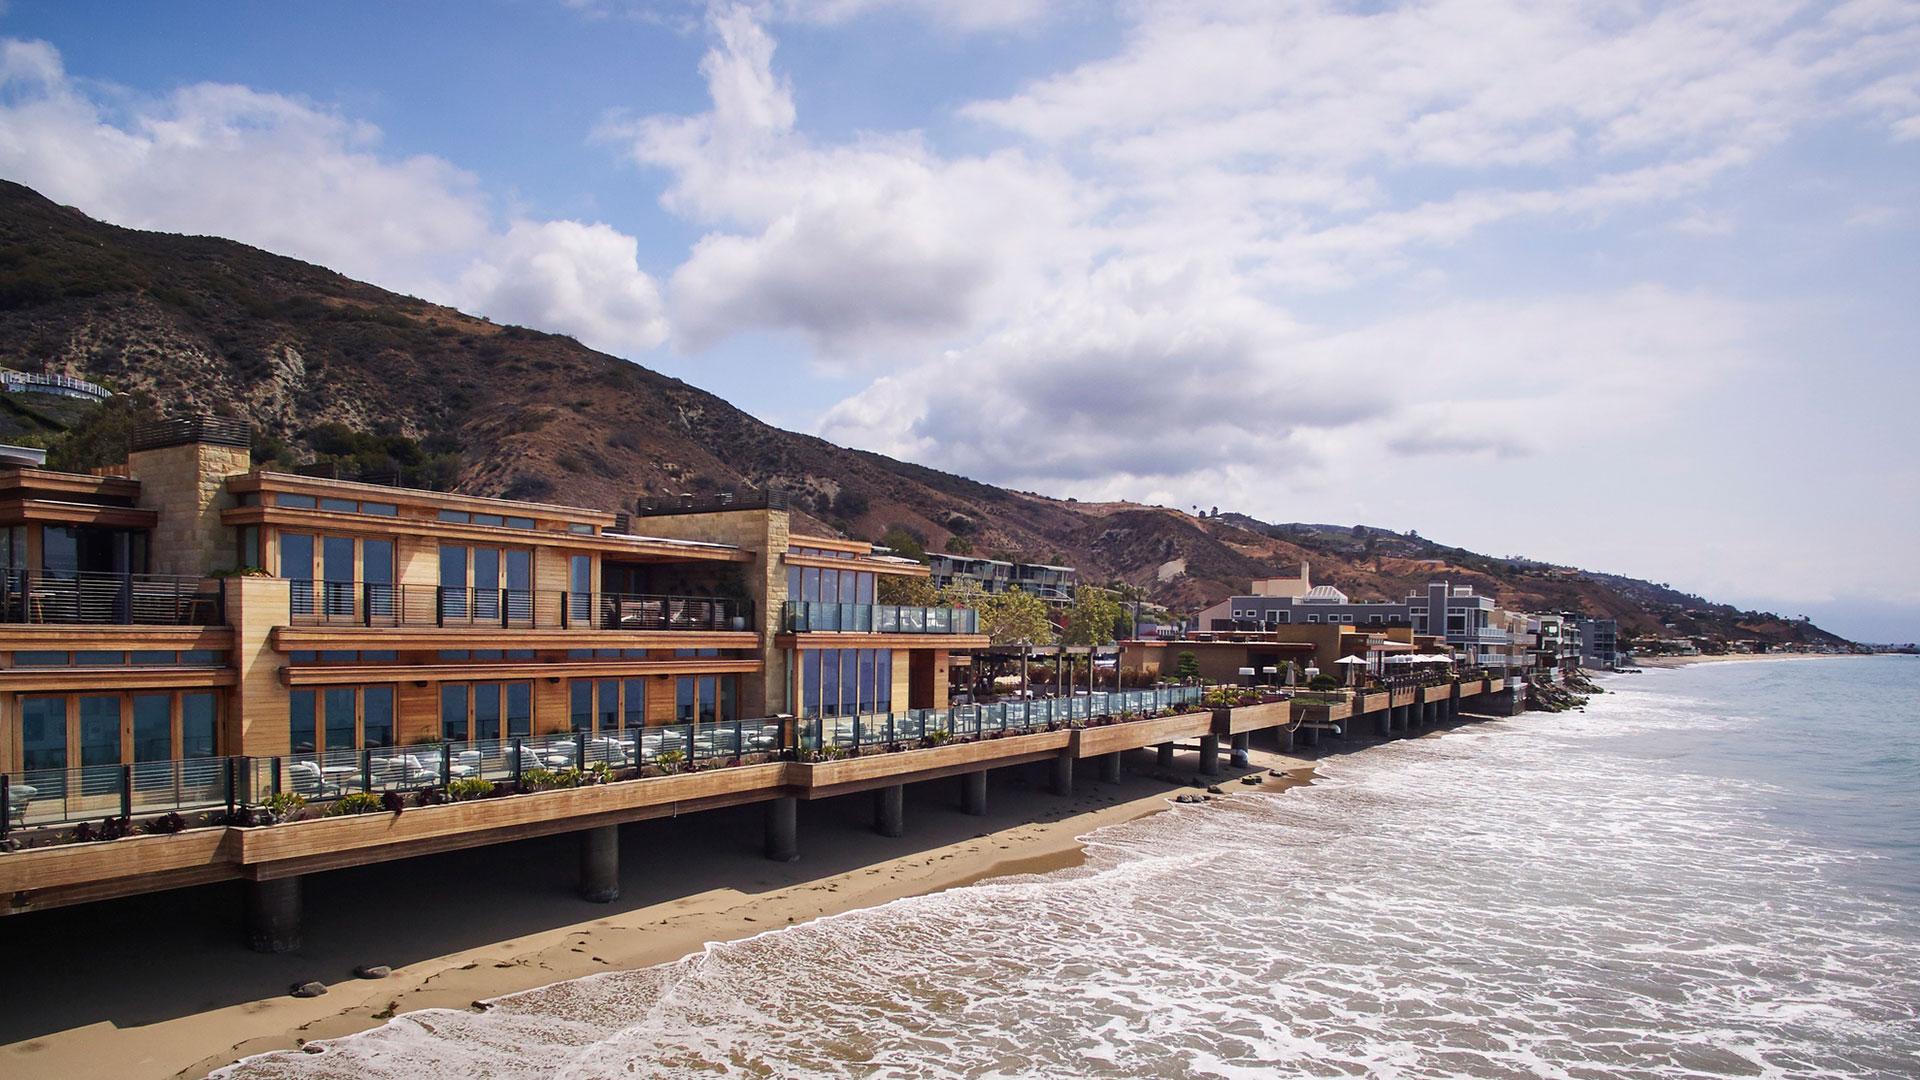 A little beach house Lexus hero asset